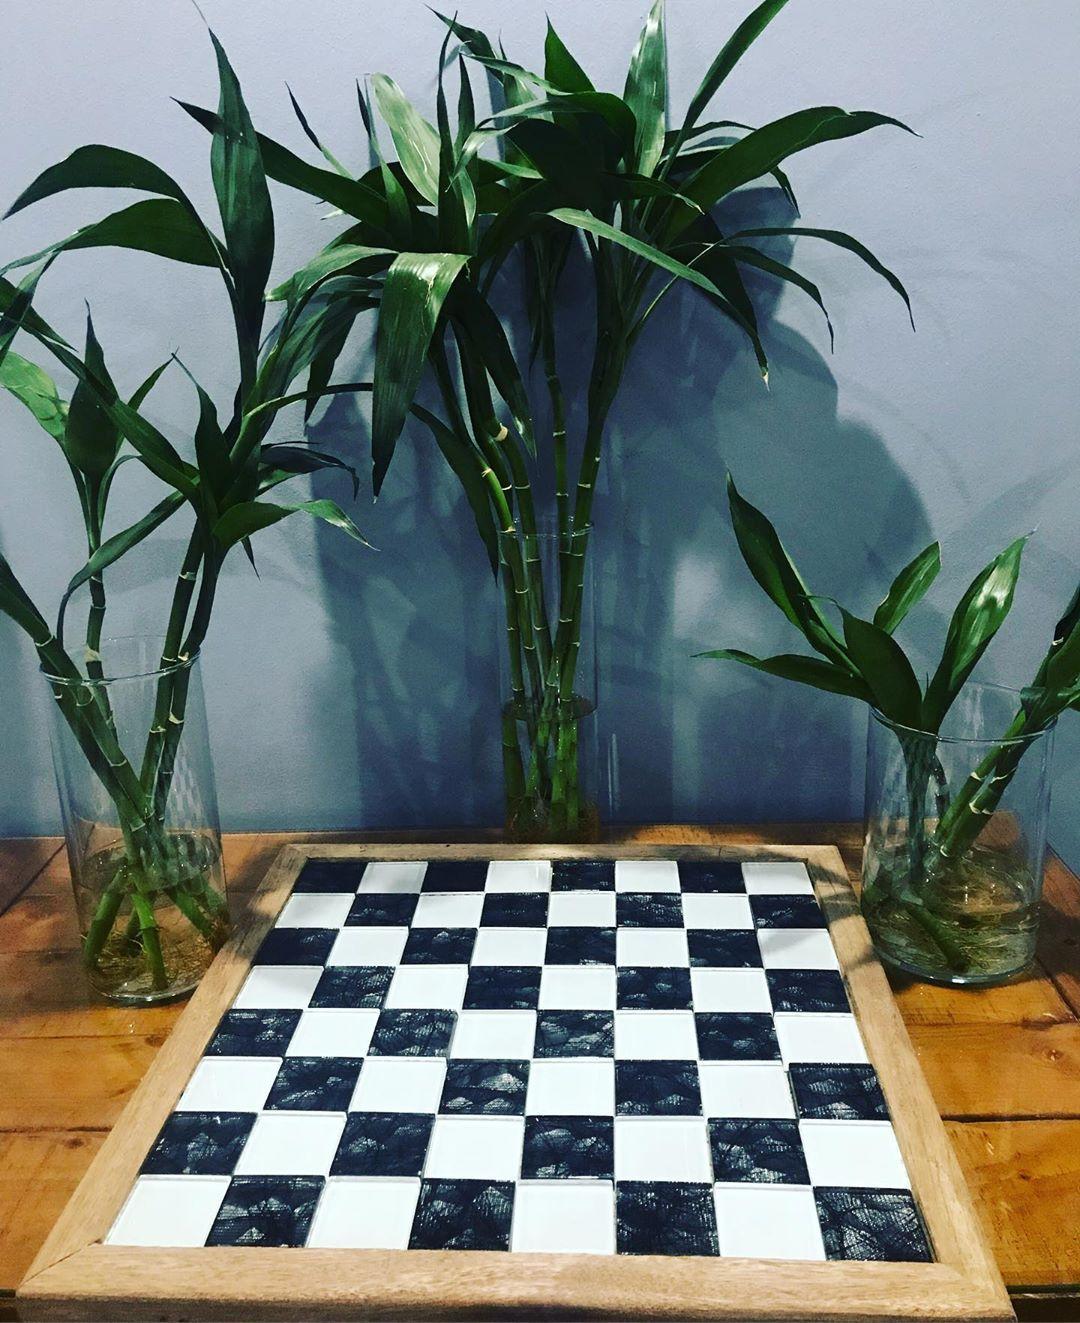 تصميم طاولة شطرنج حجم كبير ٥٠ سم للحين ما خلصت باقي لها لمسات مثل الصبغ وشغلات معينة طلبية خاصة جميلة جدا صناعة كويتية ذو جودة للطلب او الاستفسار مراسلة على ا